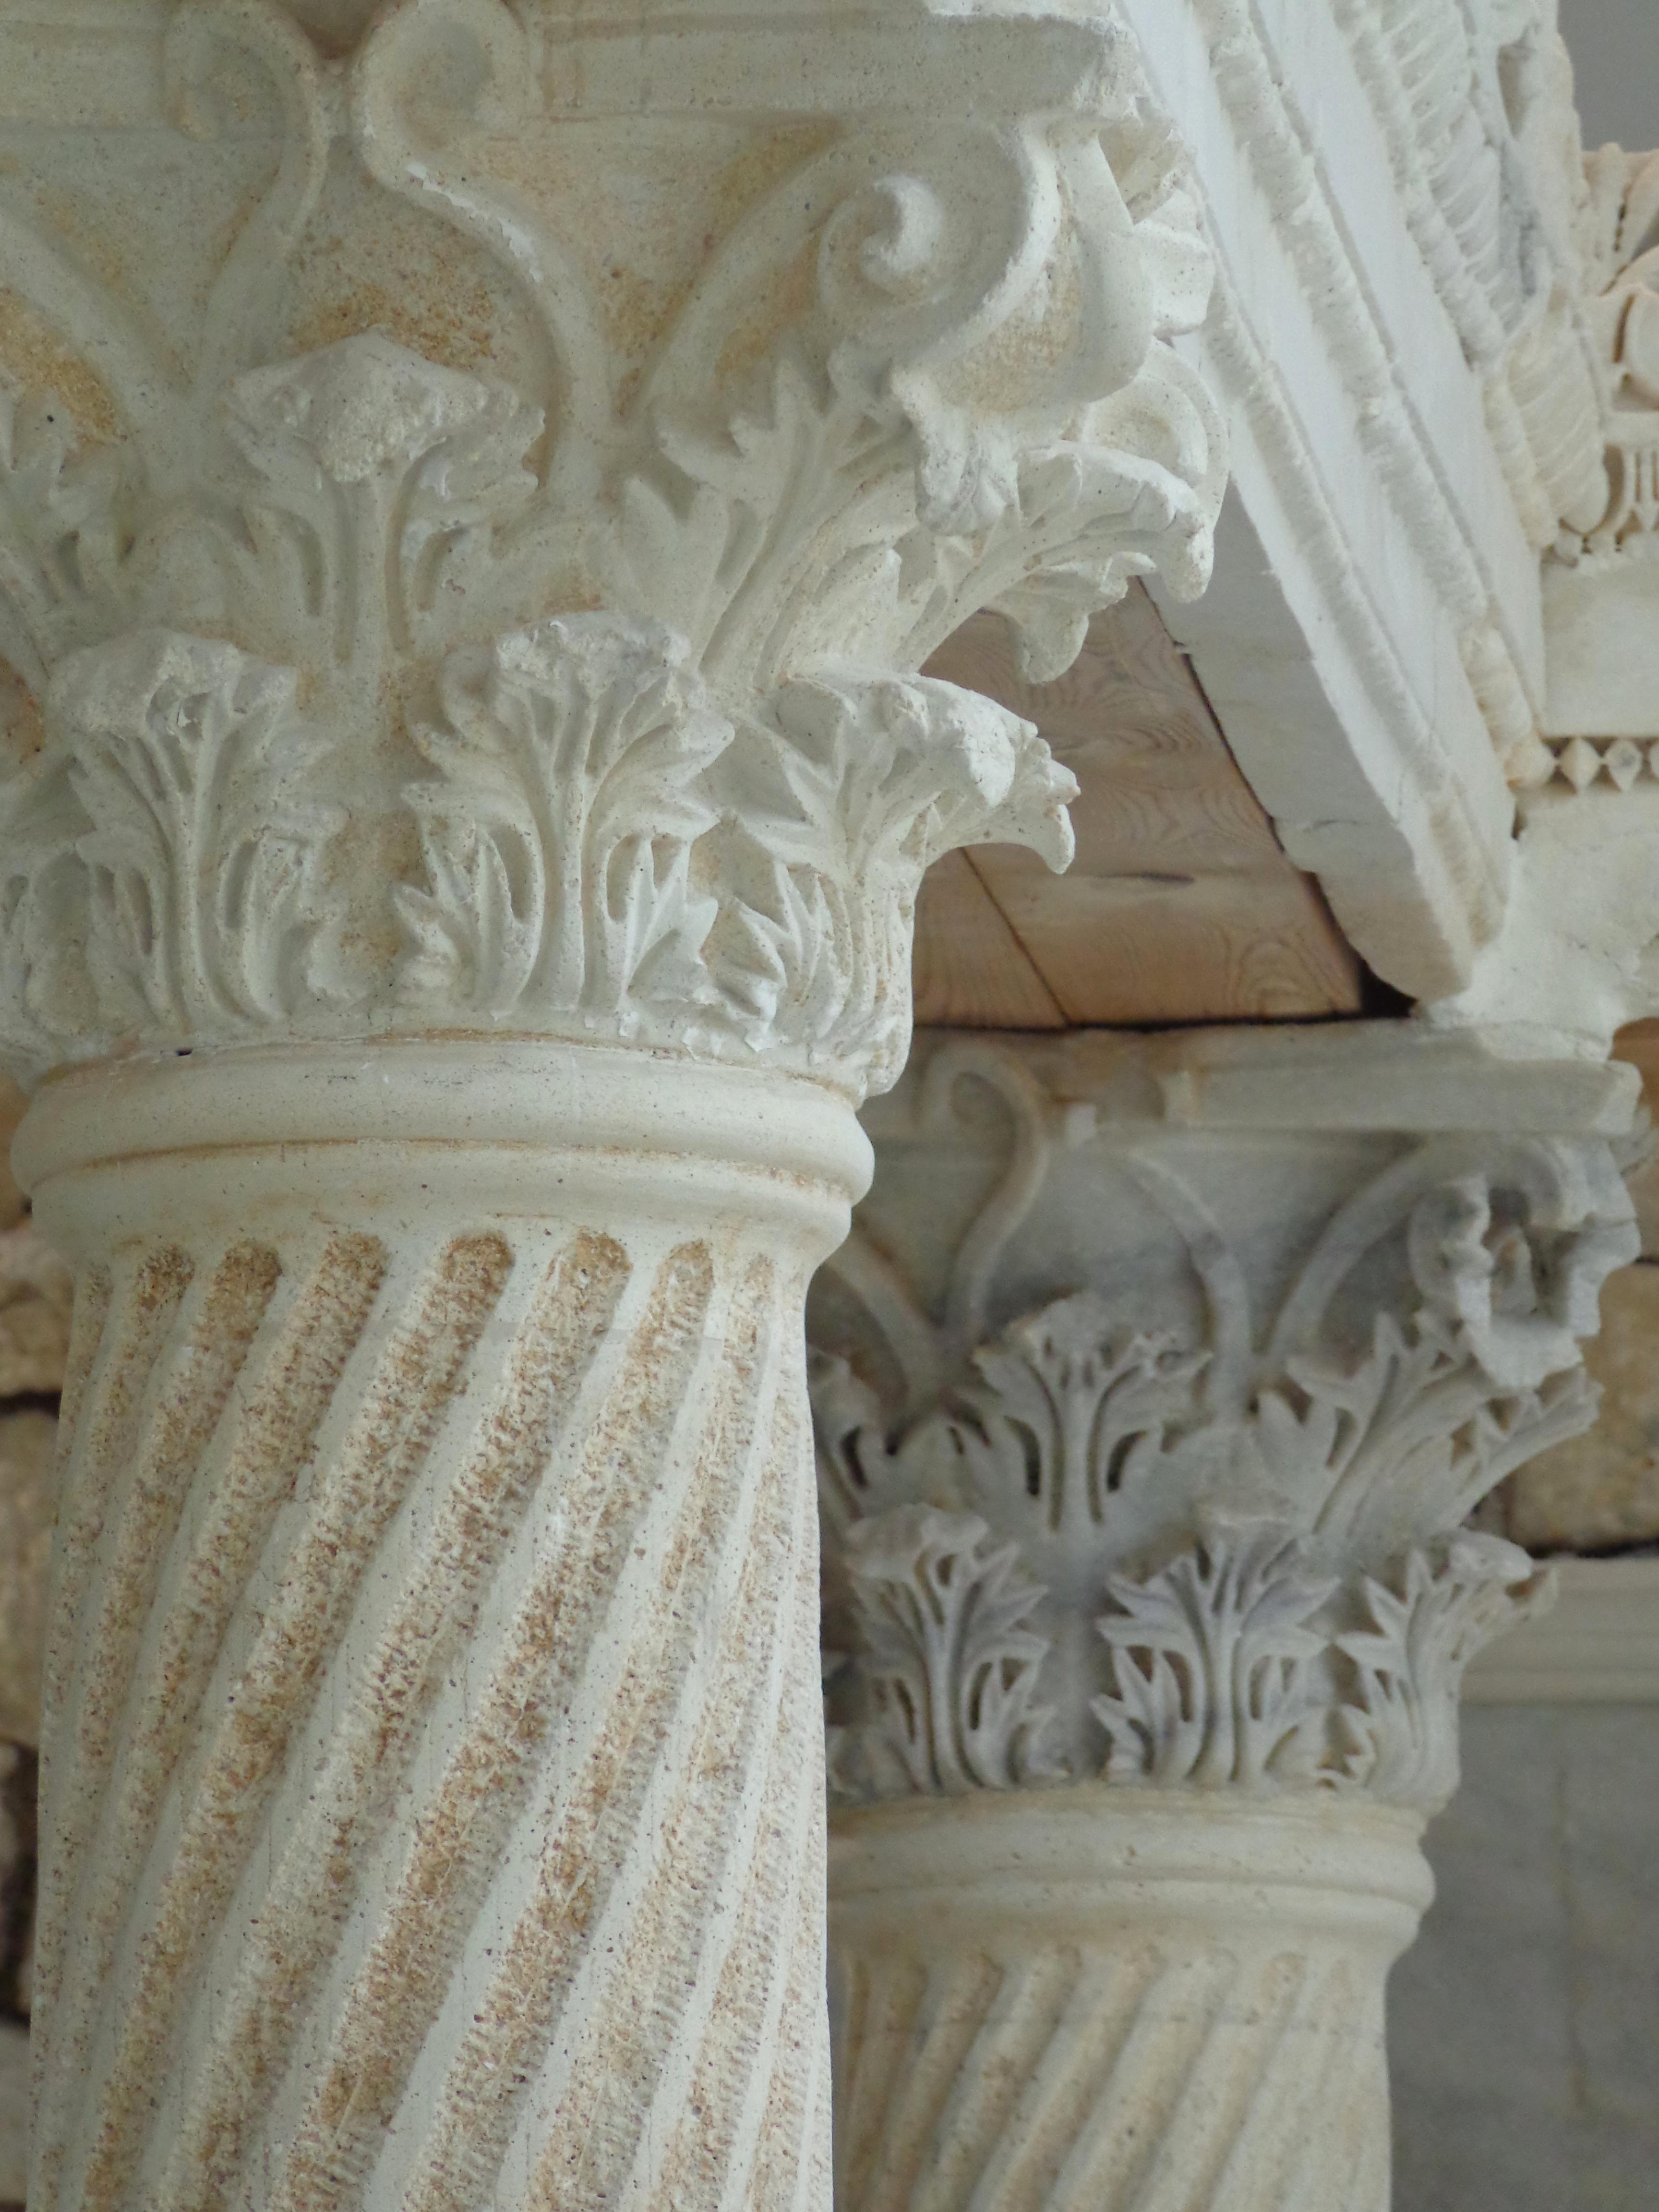 medusa-villa-armira-2000-years